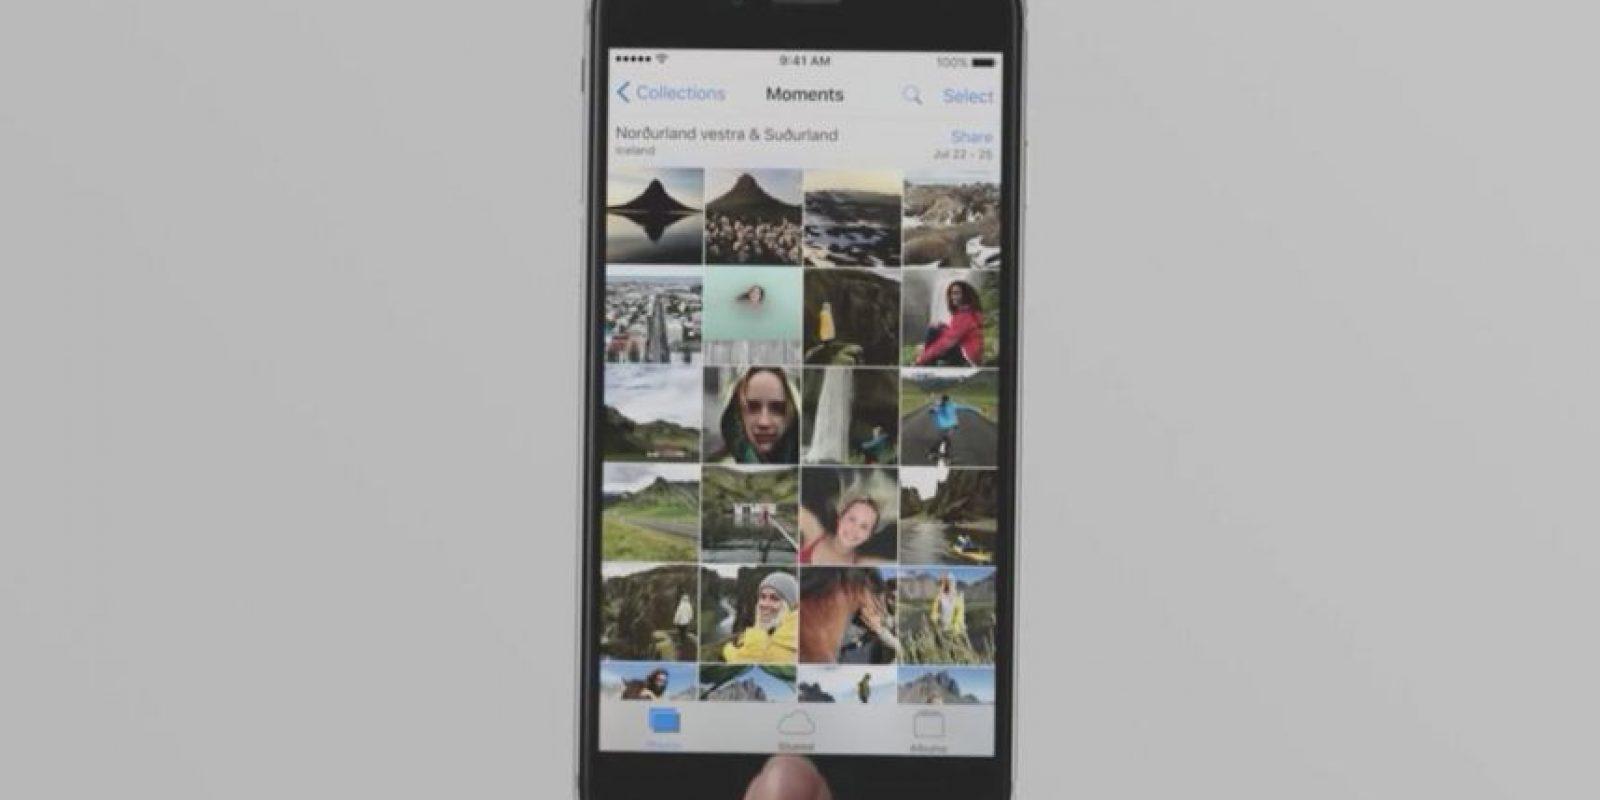 Las fotos en el dispositivo. Foto:Apple